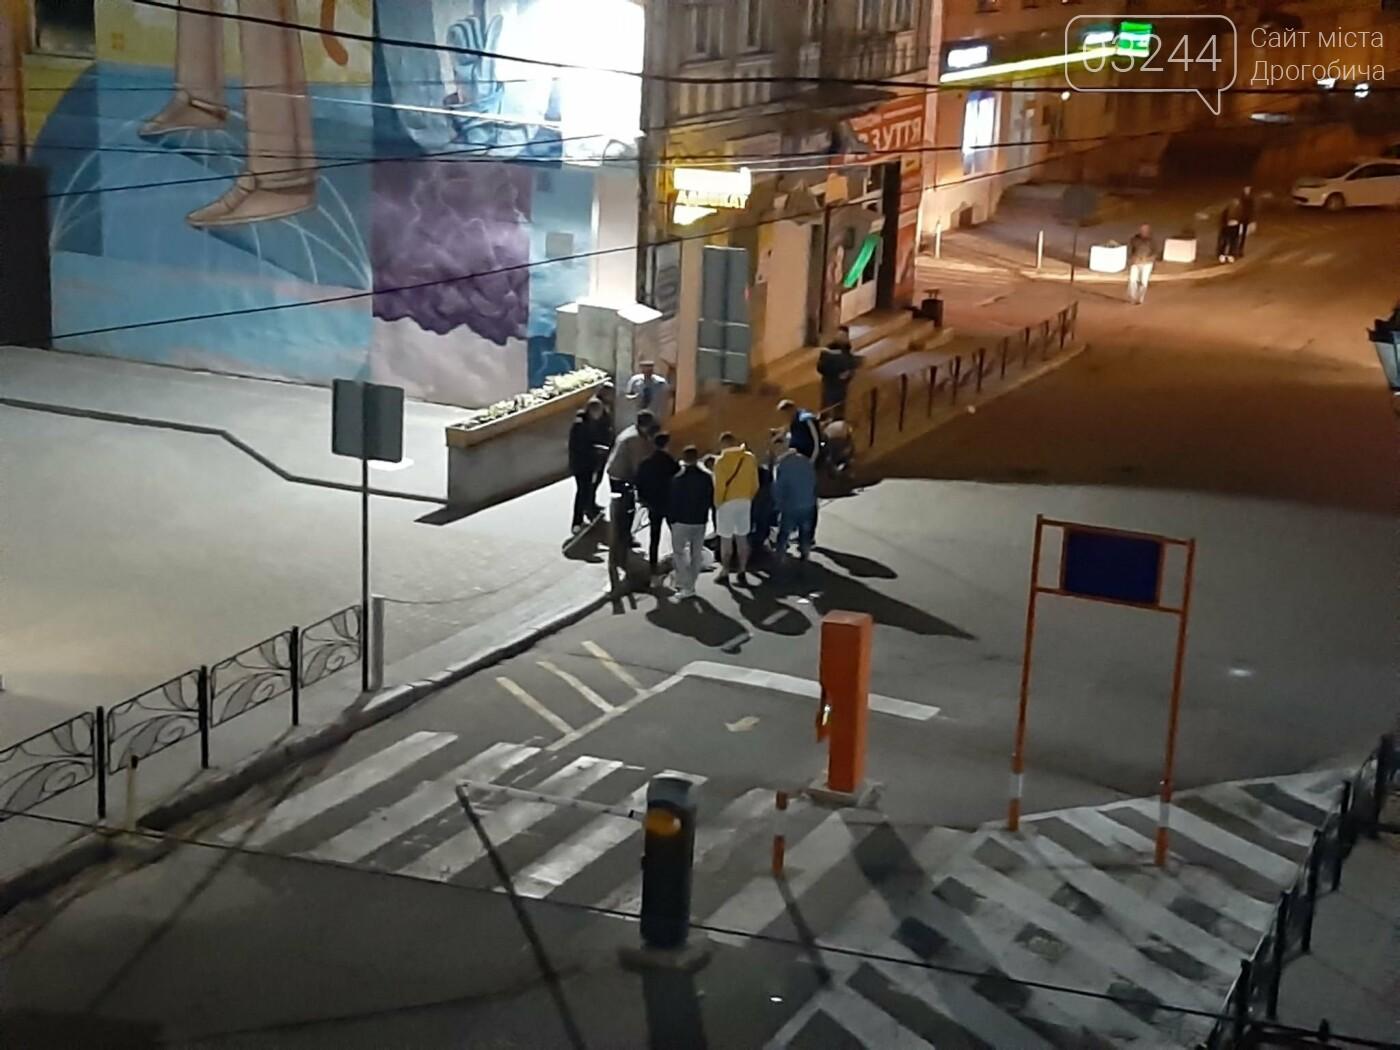 Не розминувся із шлагбаумом - вночі скутерист влетів у паркувальну систему на вулиці Мазепи, фото-1